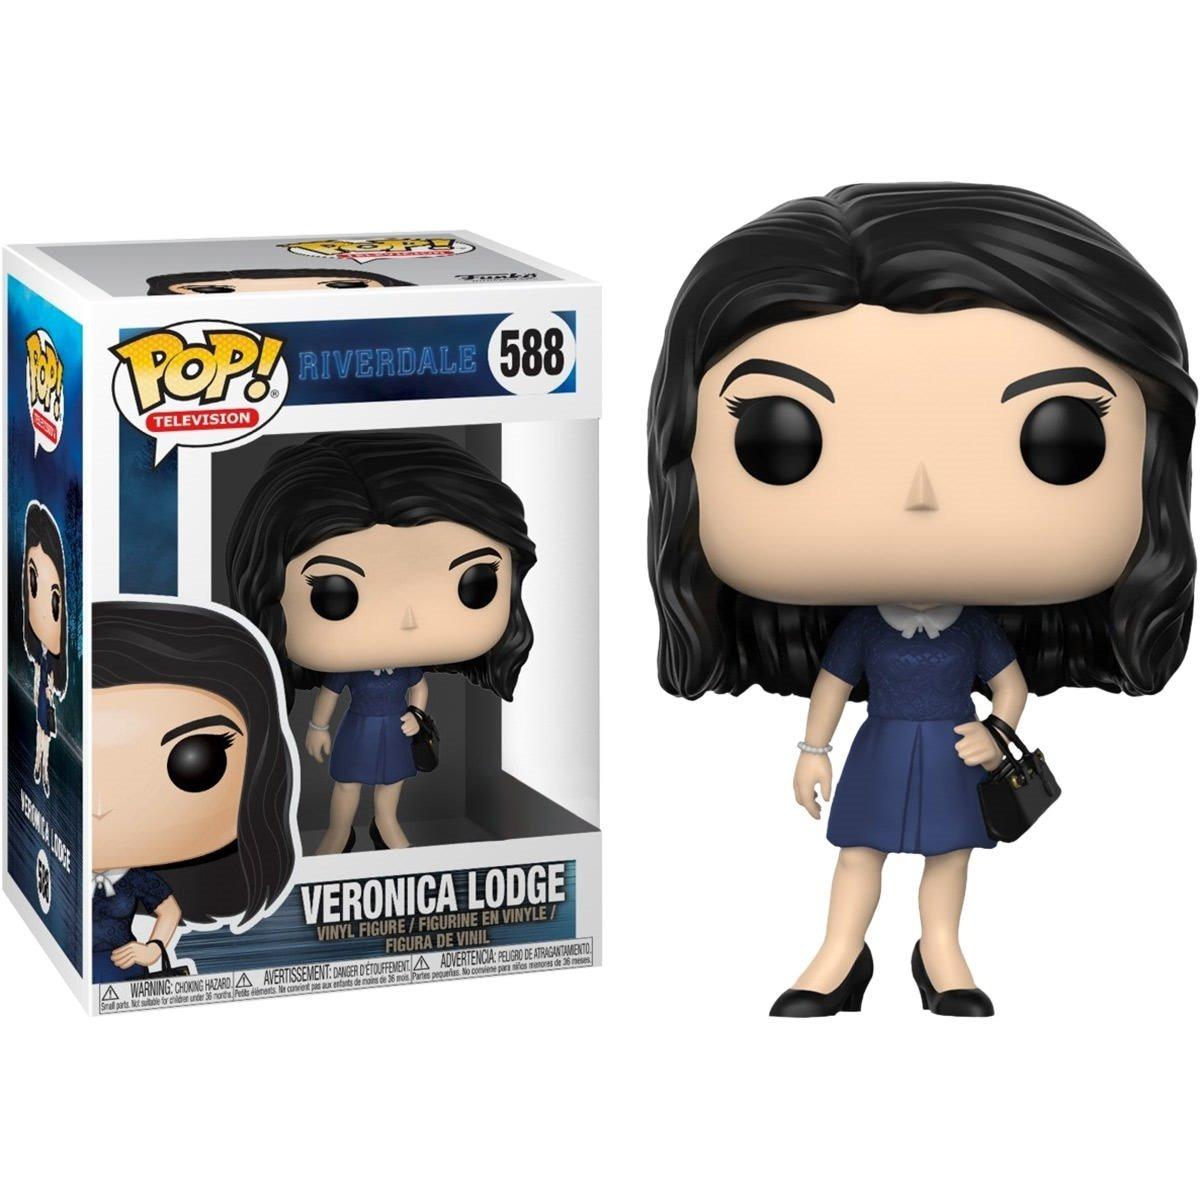 Veronica Ldge 588 Riverdale Funko Pop R 8990 Em Mercado Livre